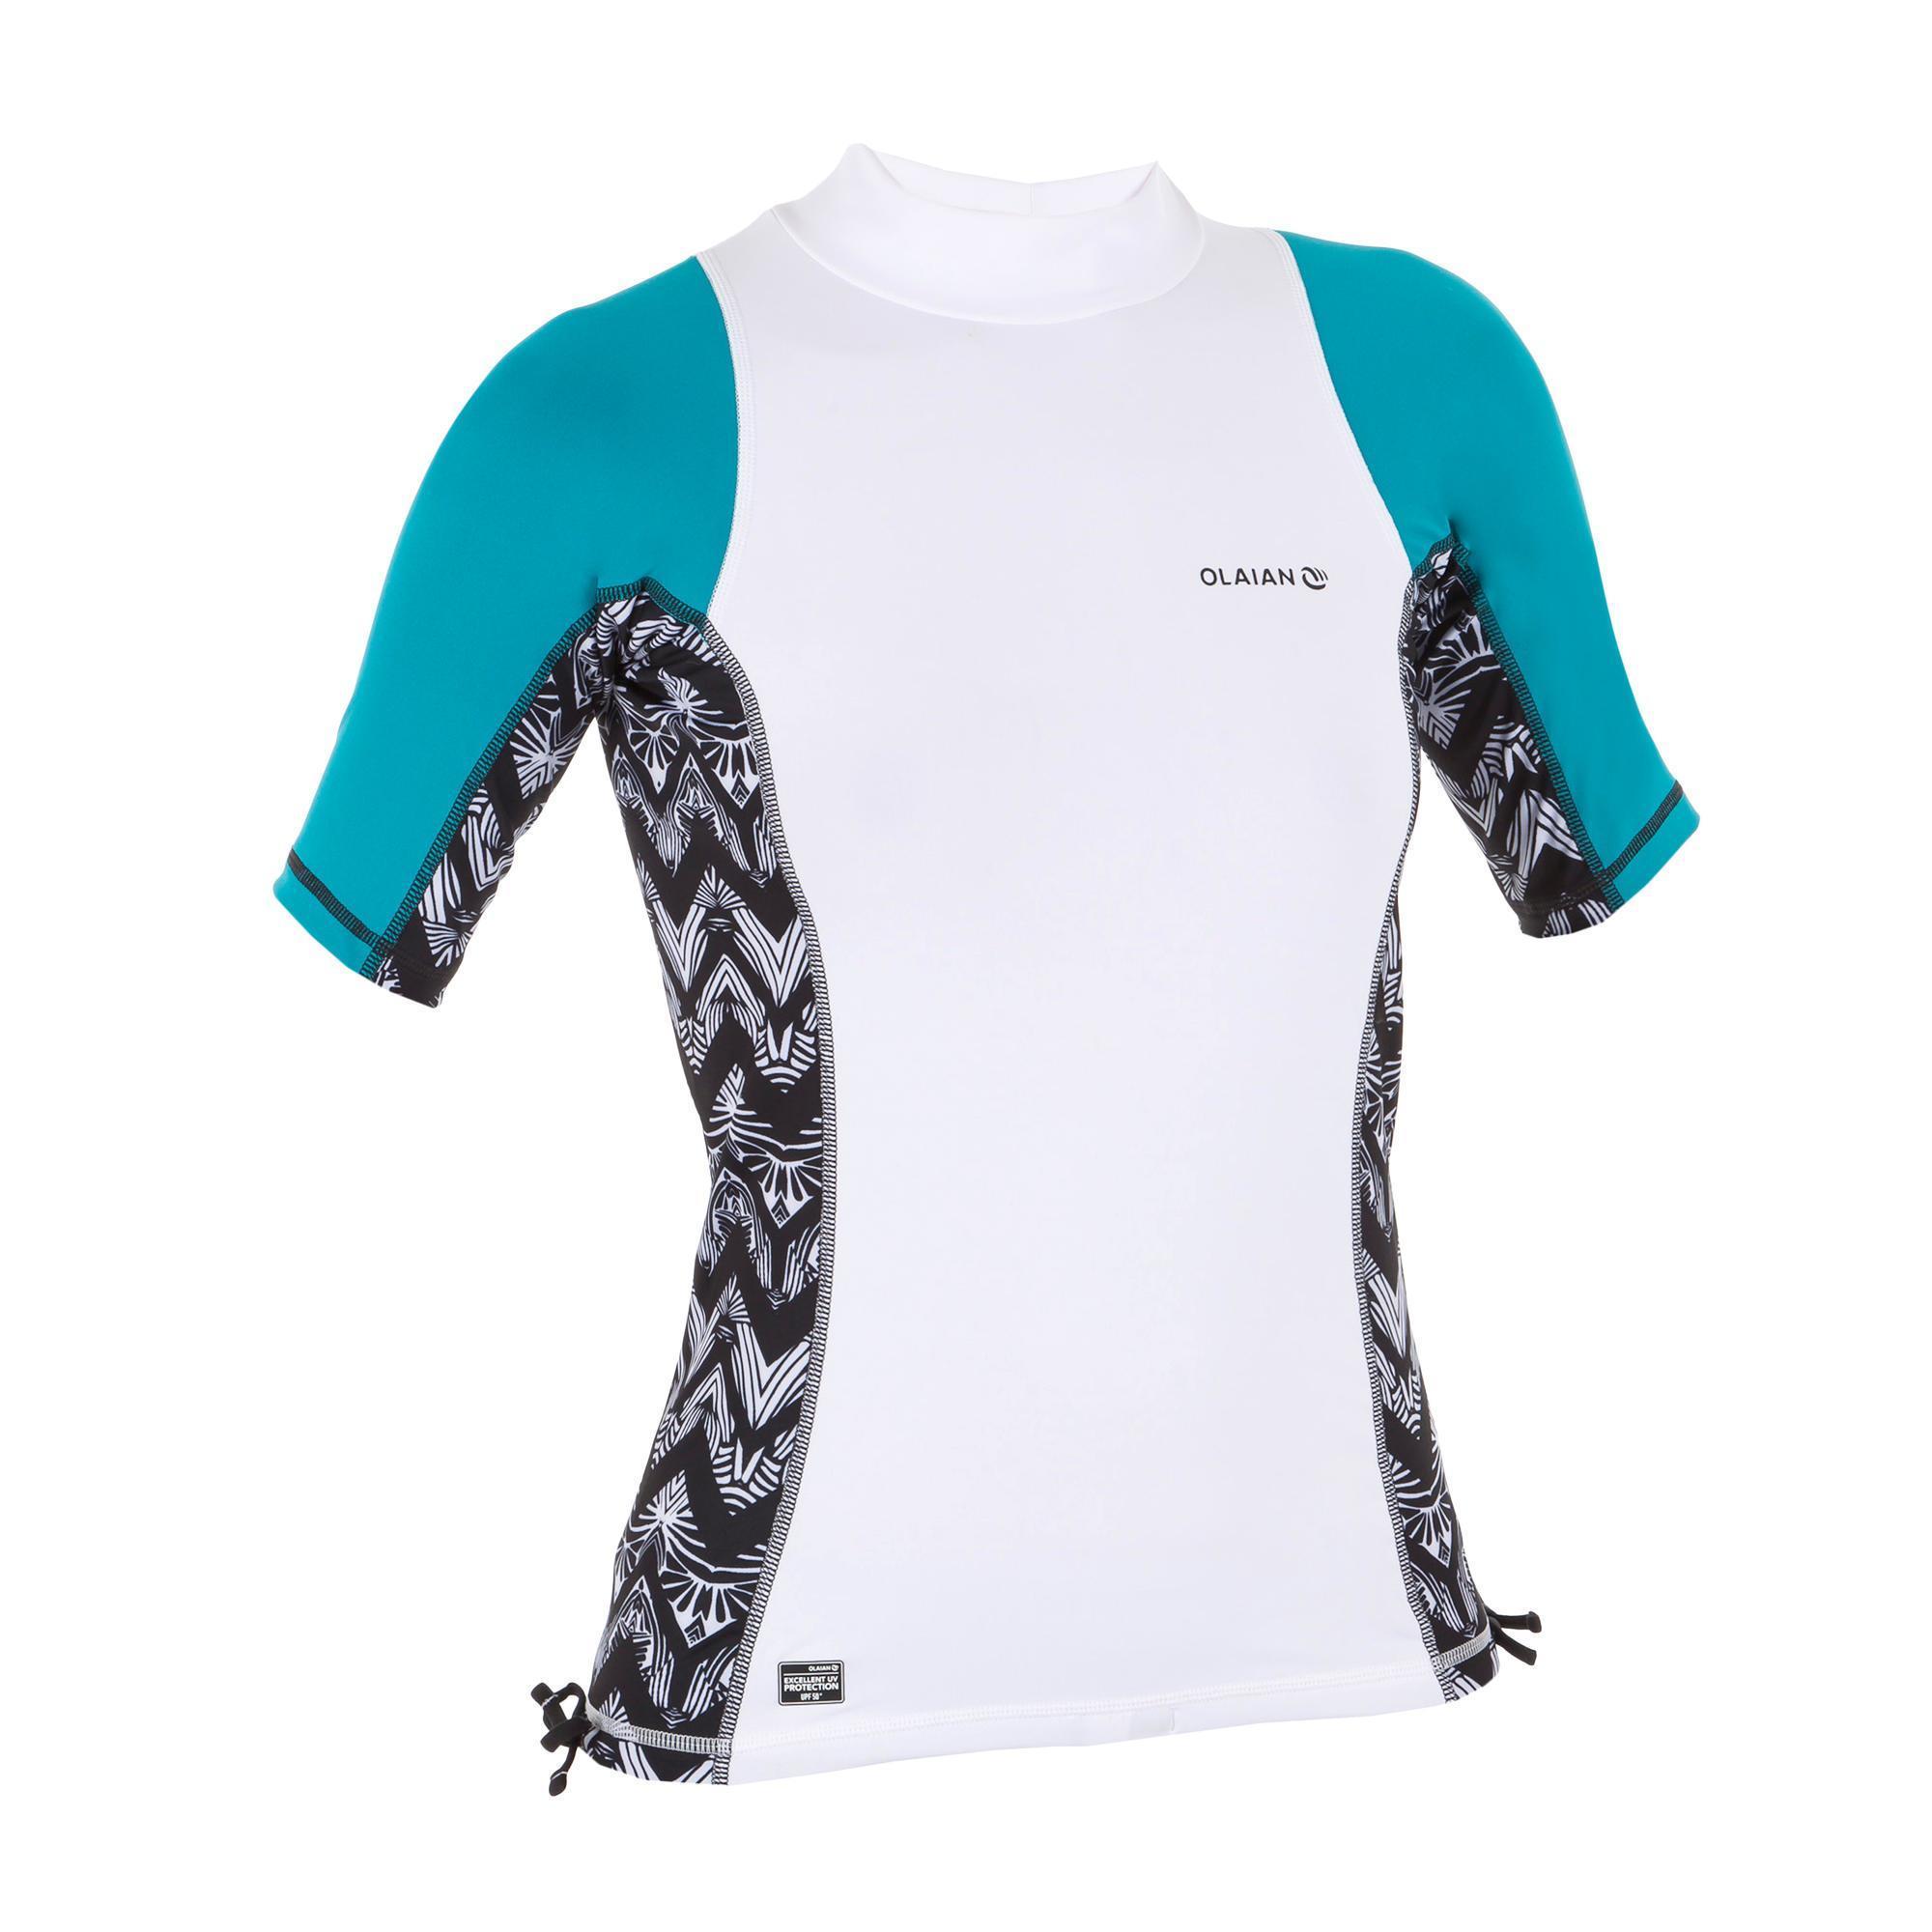 36be4ed47ef85 Comprar Camiseta Protección Solar Mujer